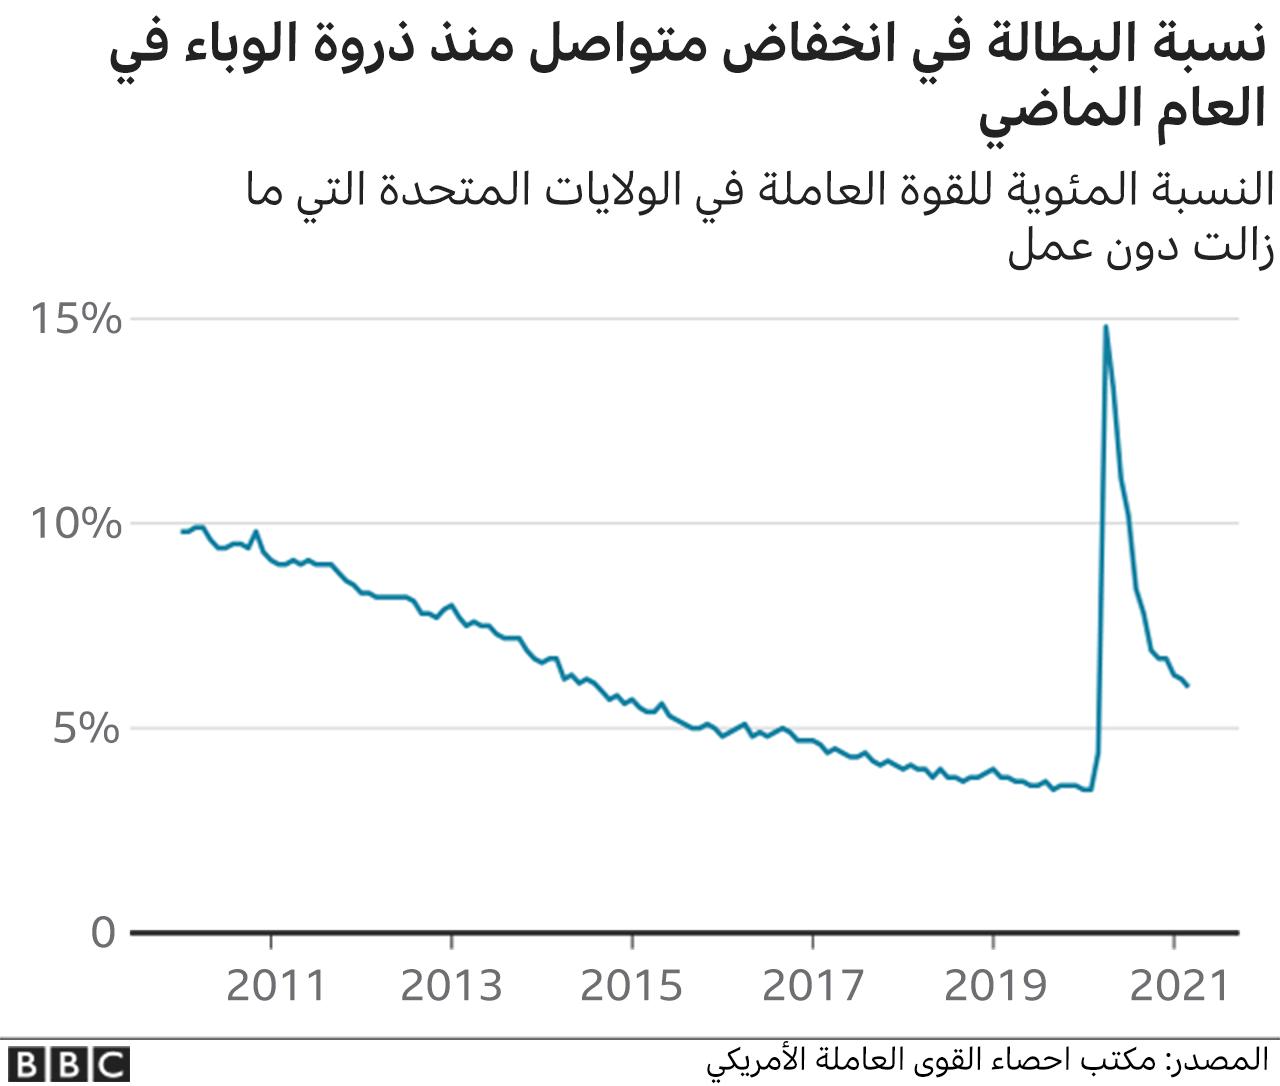 نسبة البطالة في انخفاض مستمر منذ تفشي الوباء في العام الماضي